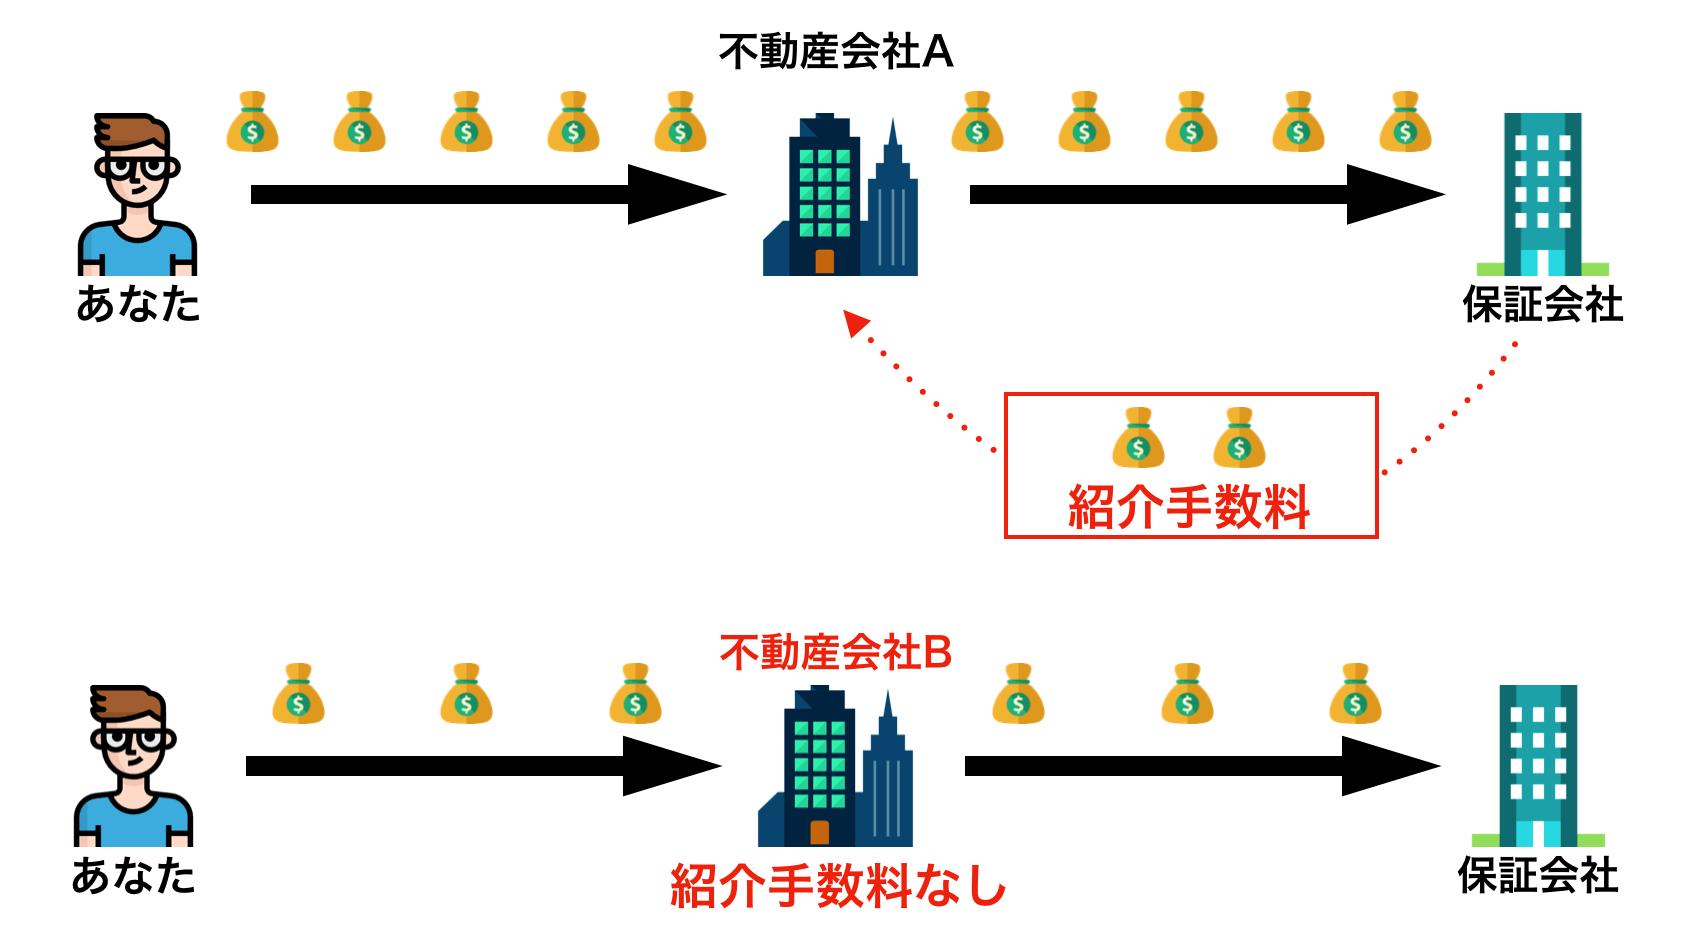 紹介手数料のイメージ図